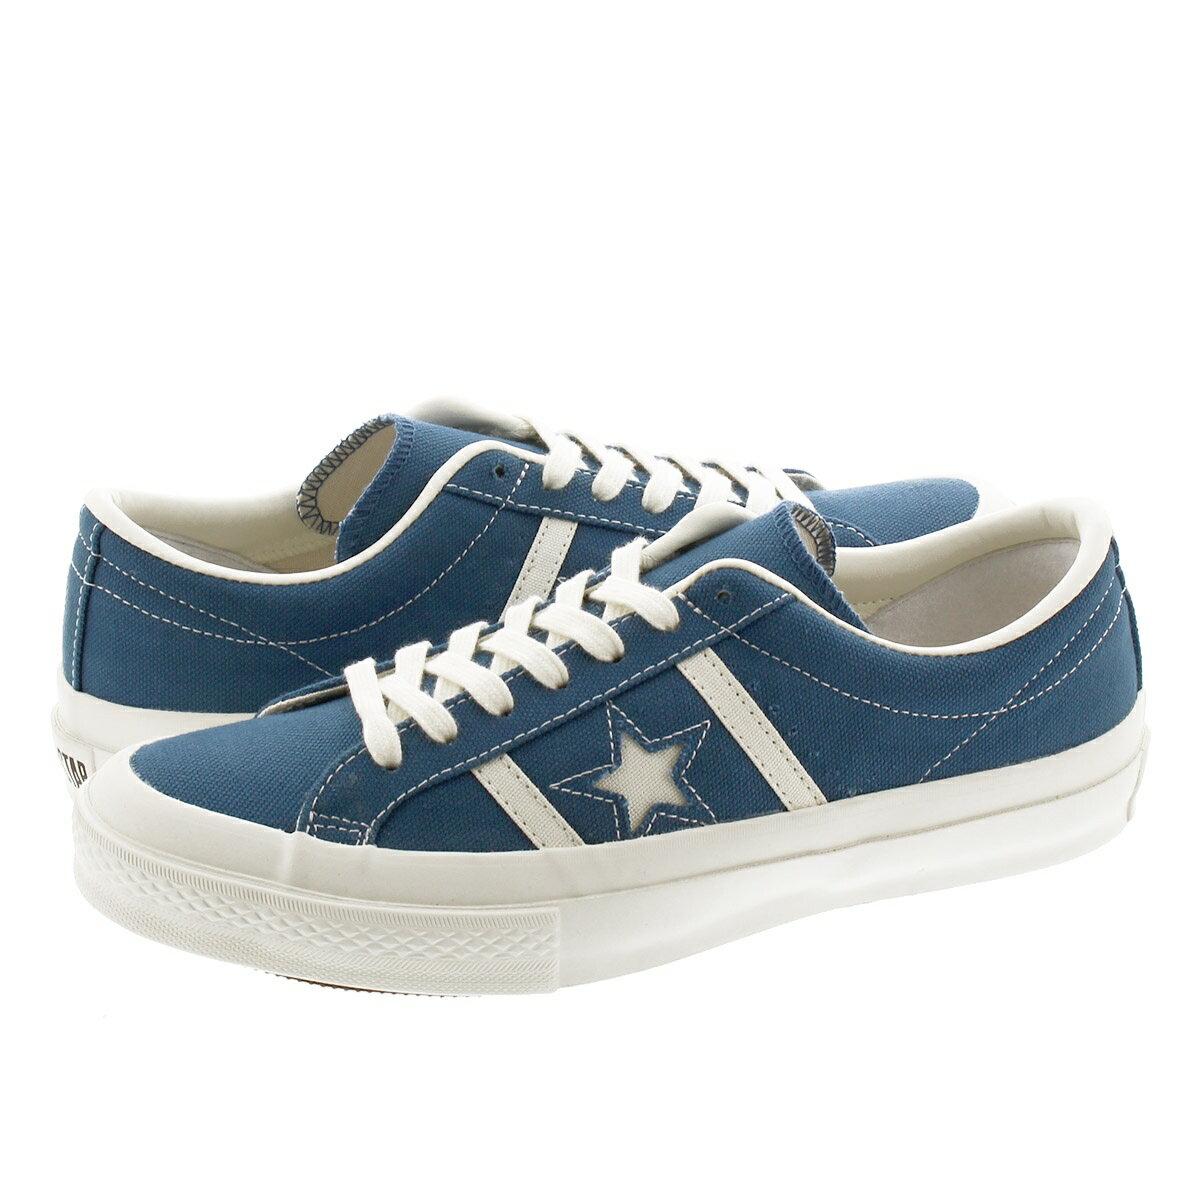 メンズ靴, スニーカー CONVERSE STARBARS CANVAS DUSTY BLUE 35200101